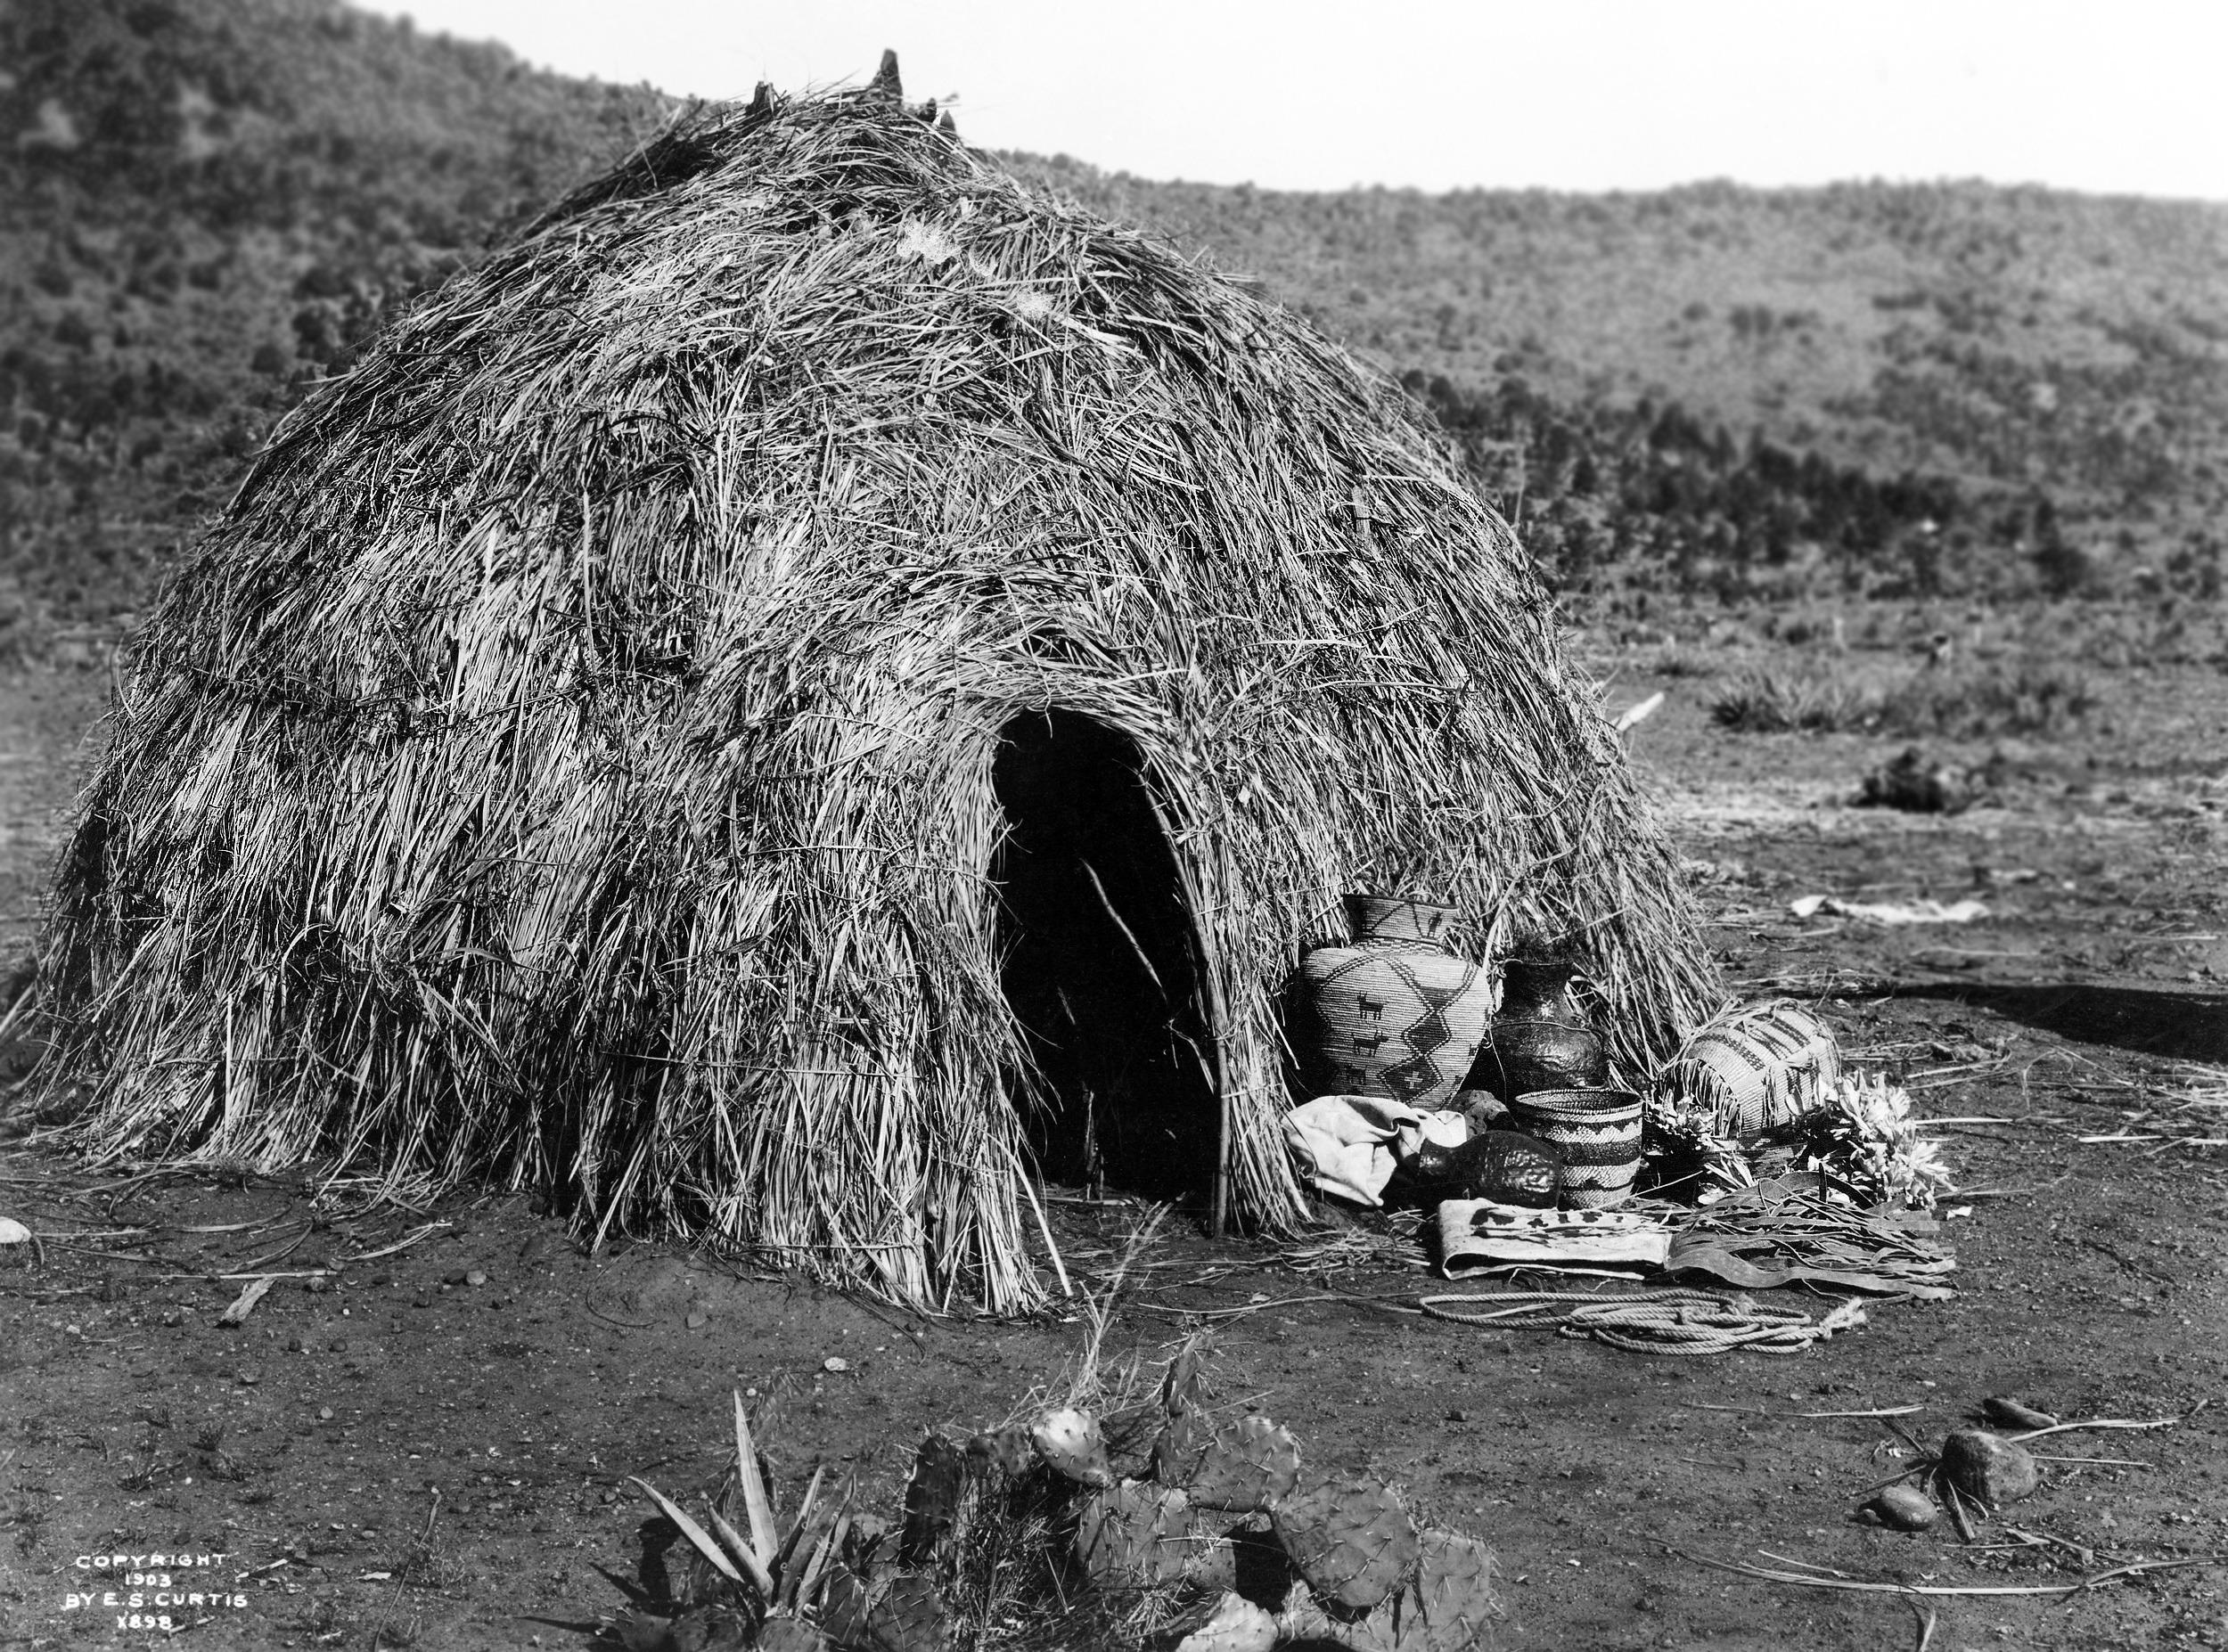 древние жилища человека картинки получила полную